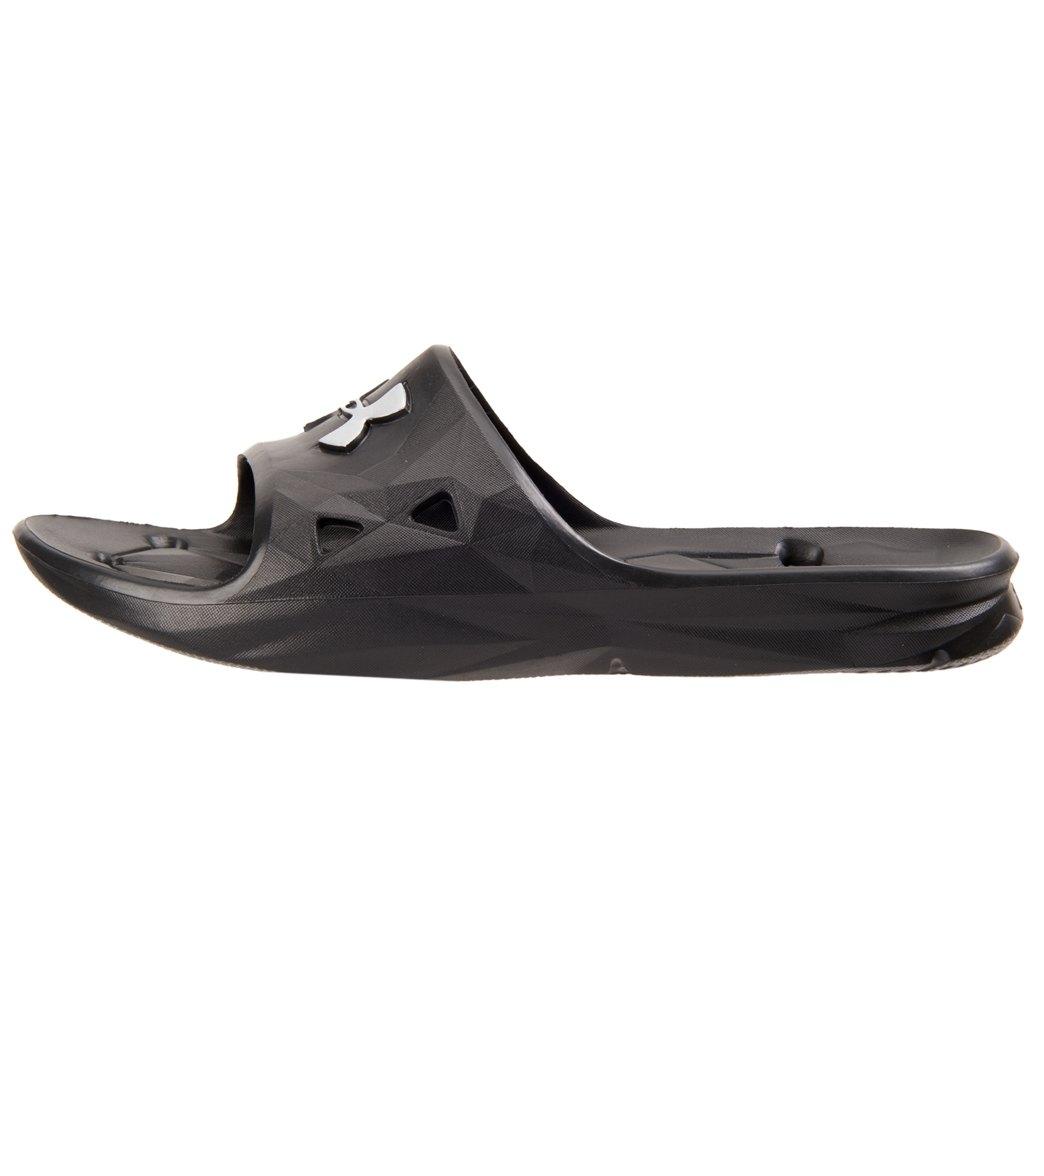 855e7695953 Under Armour Men s Locker III Slide Sandal at SwimOutlet.com